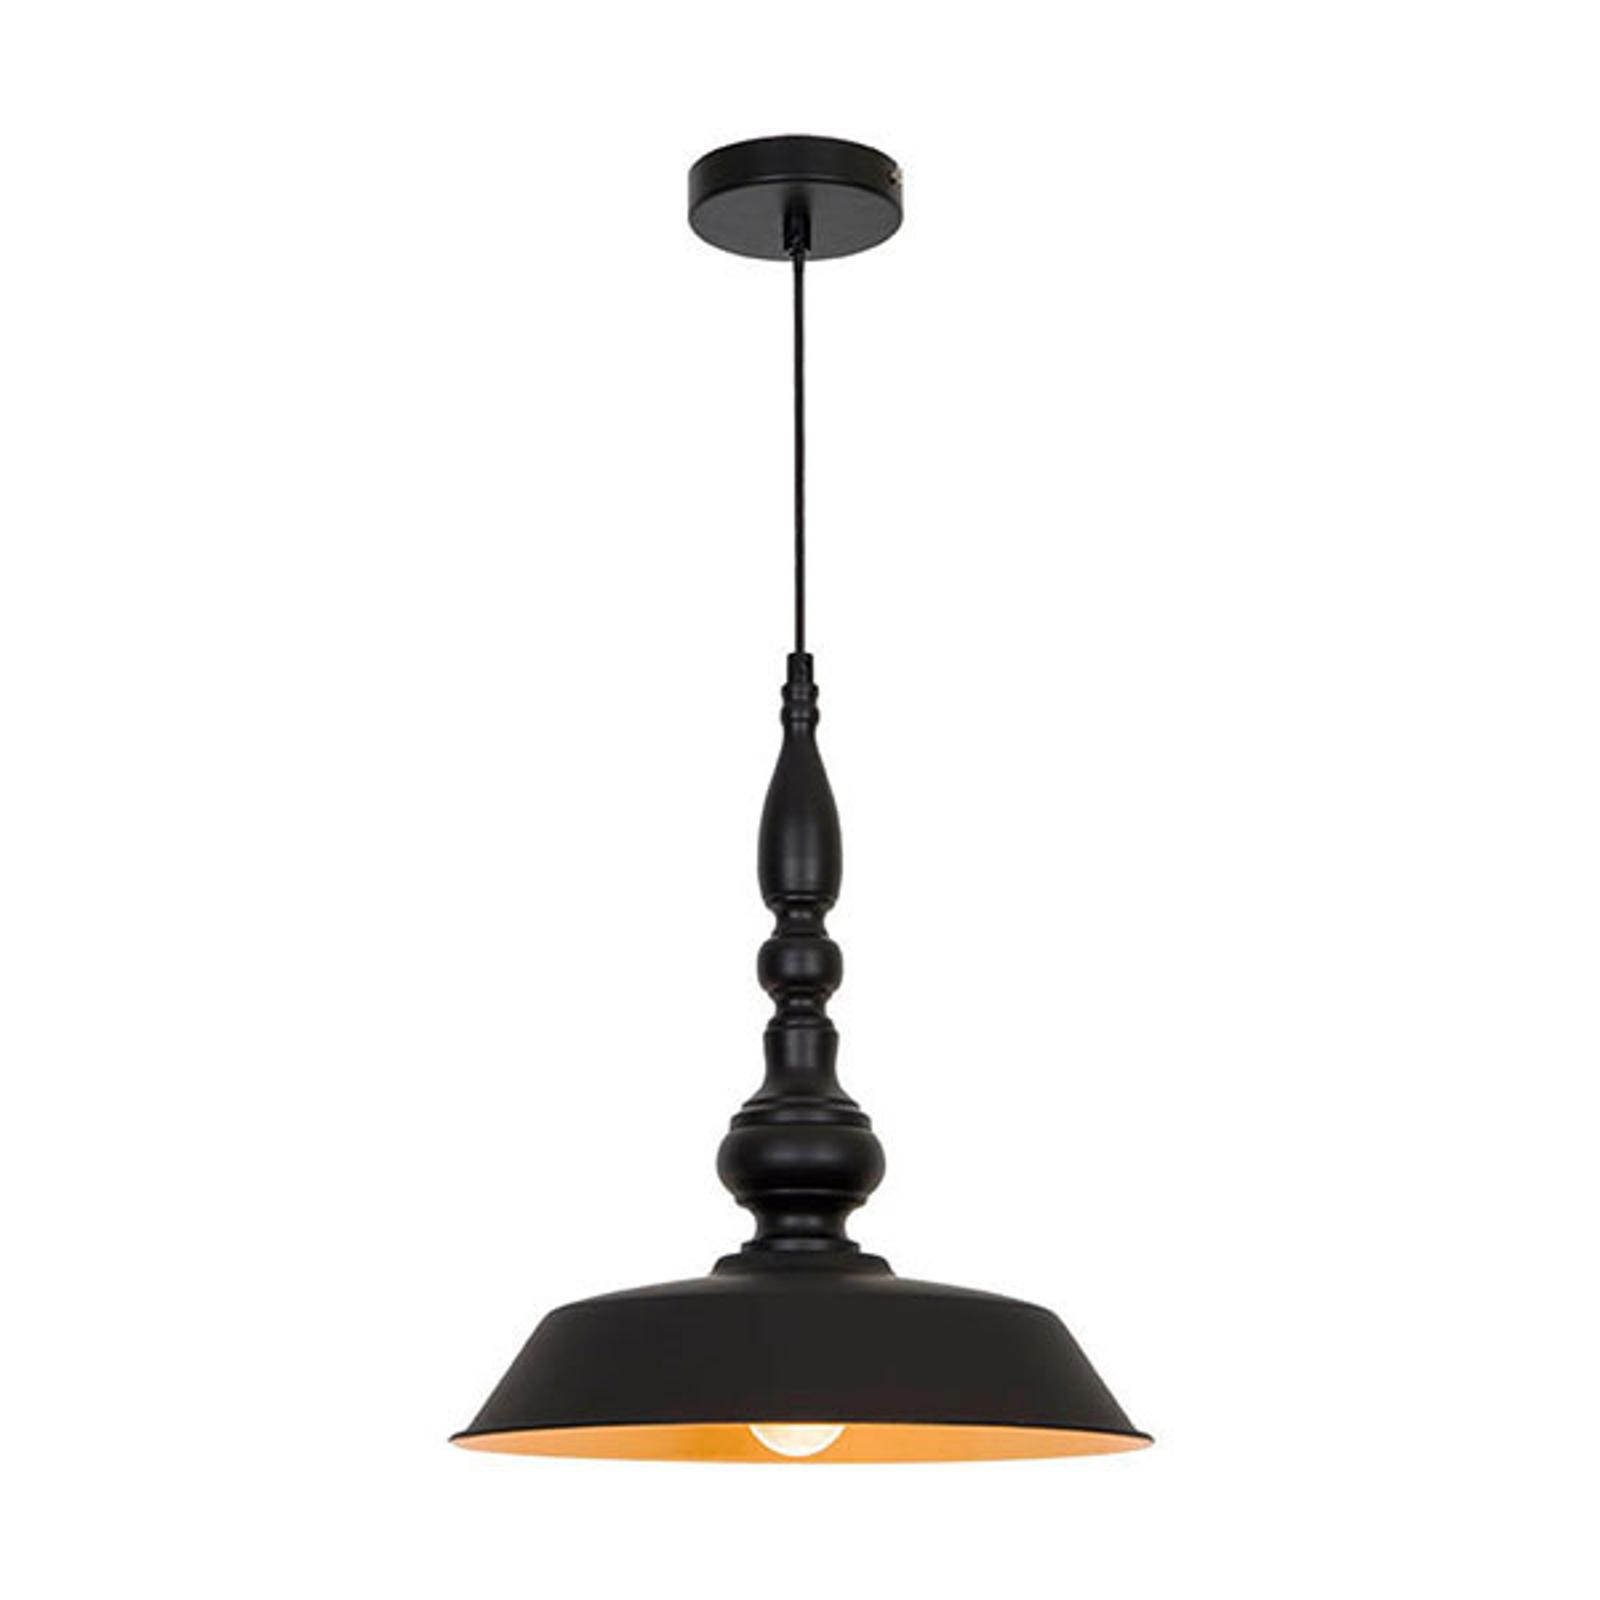 Hanglamp Colin, zwart, Ø 36 cm